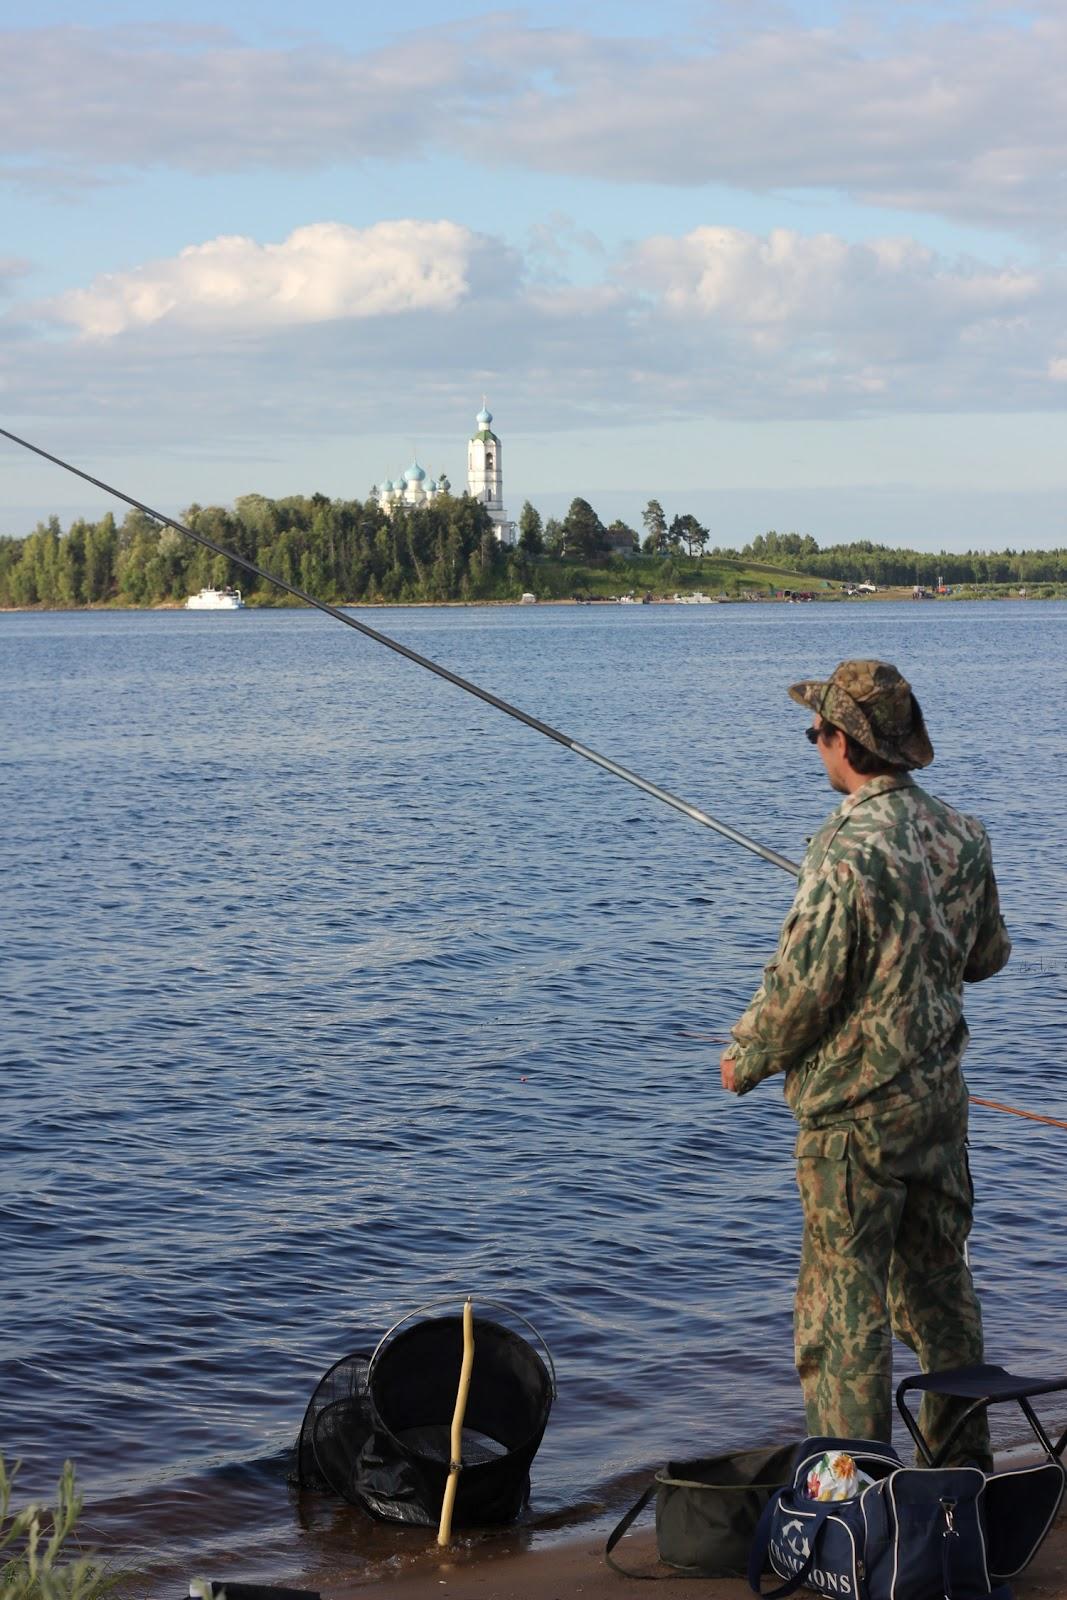 Соревнование по ловле рыбы. Участник соревнований